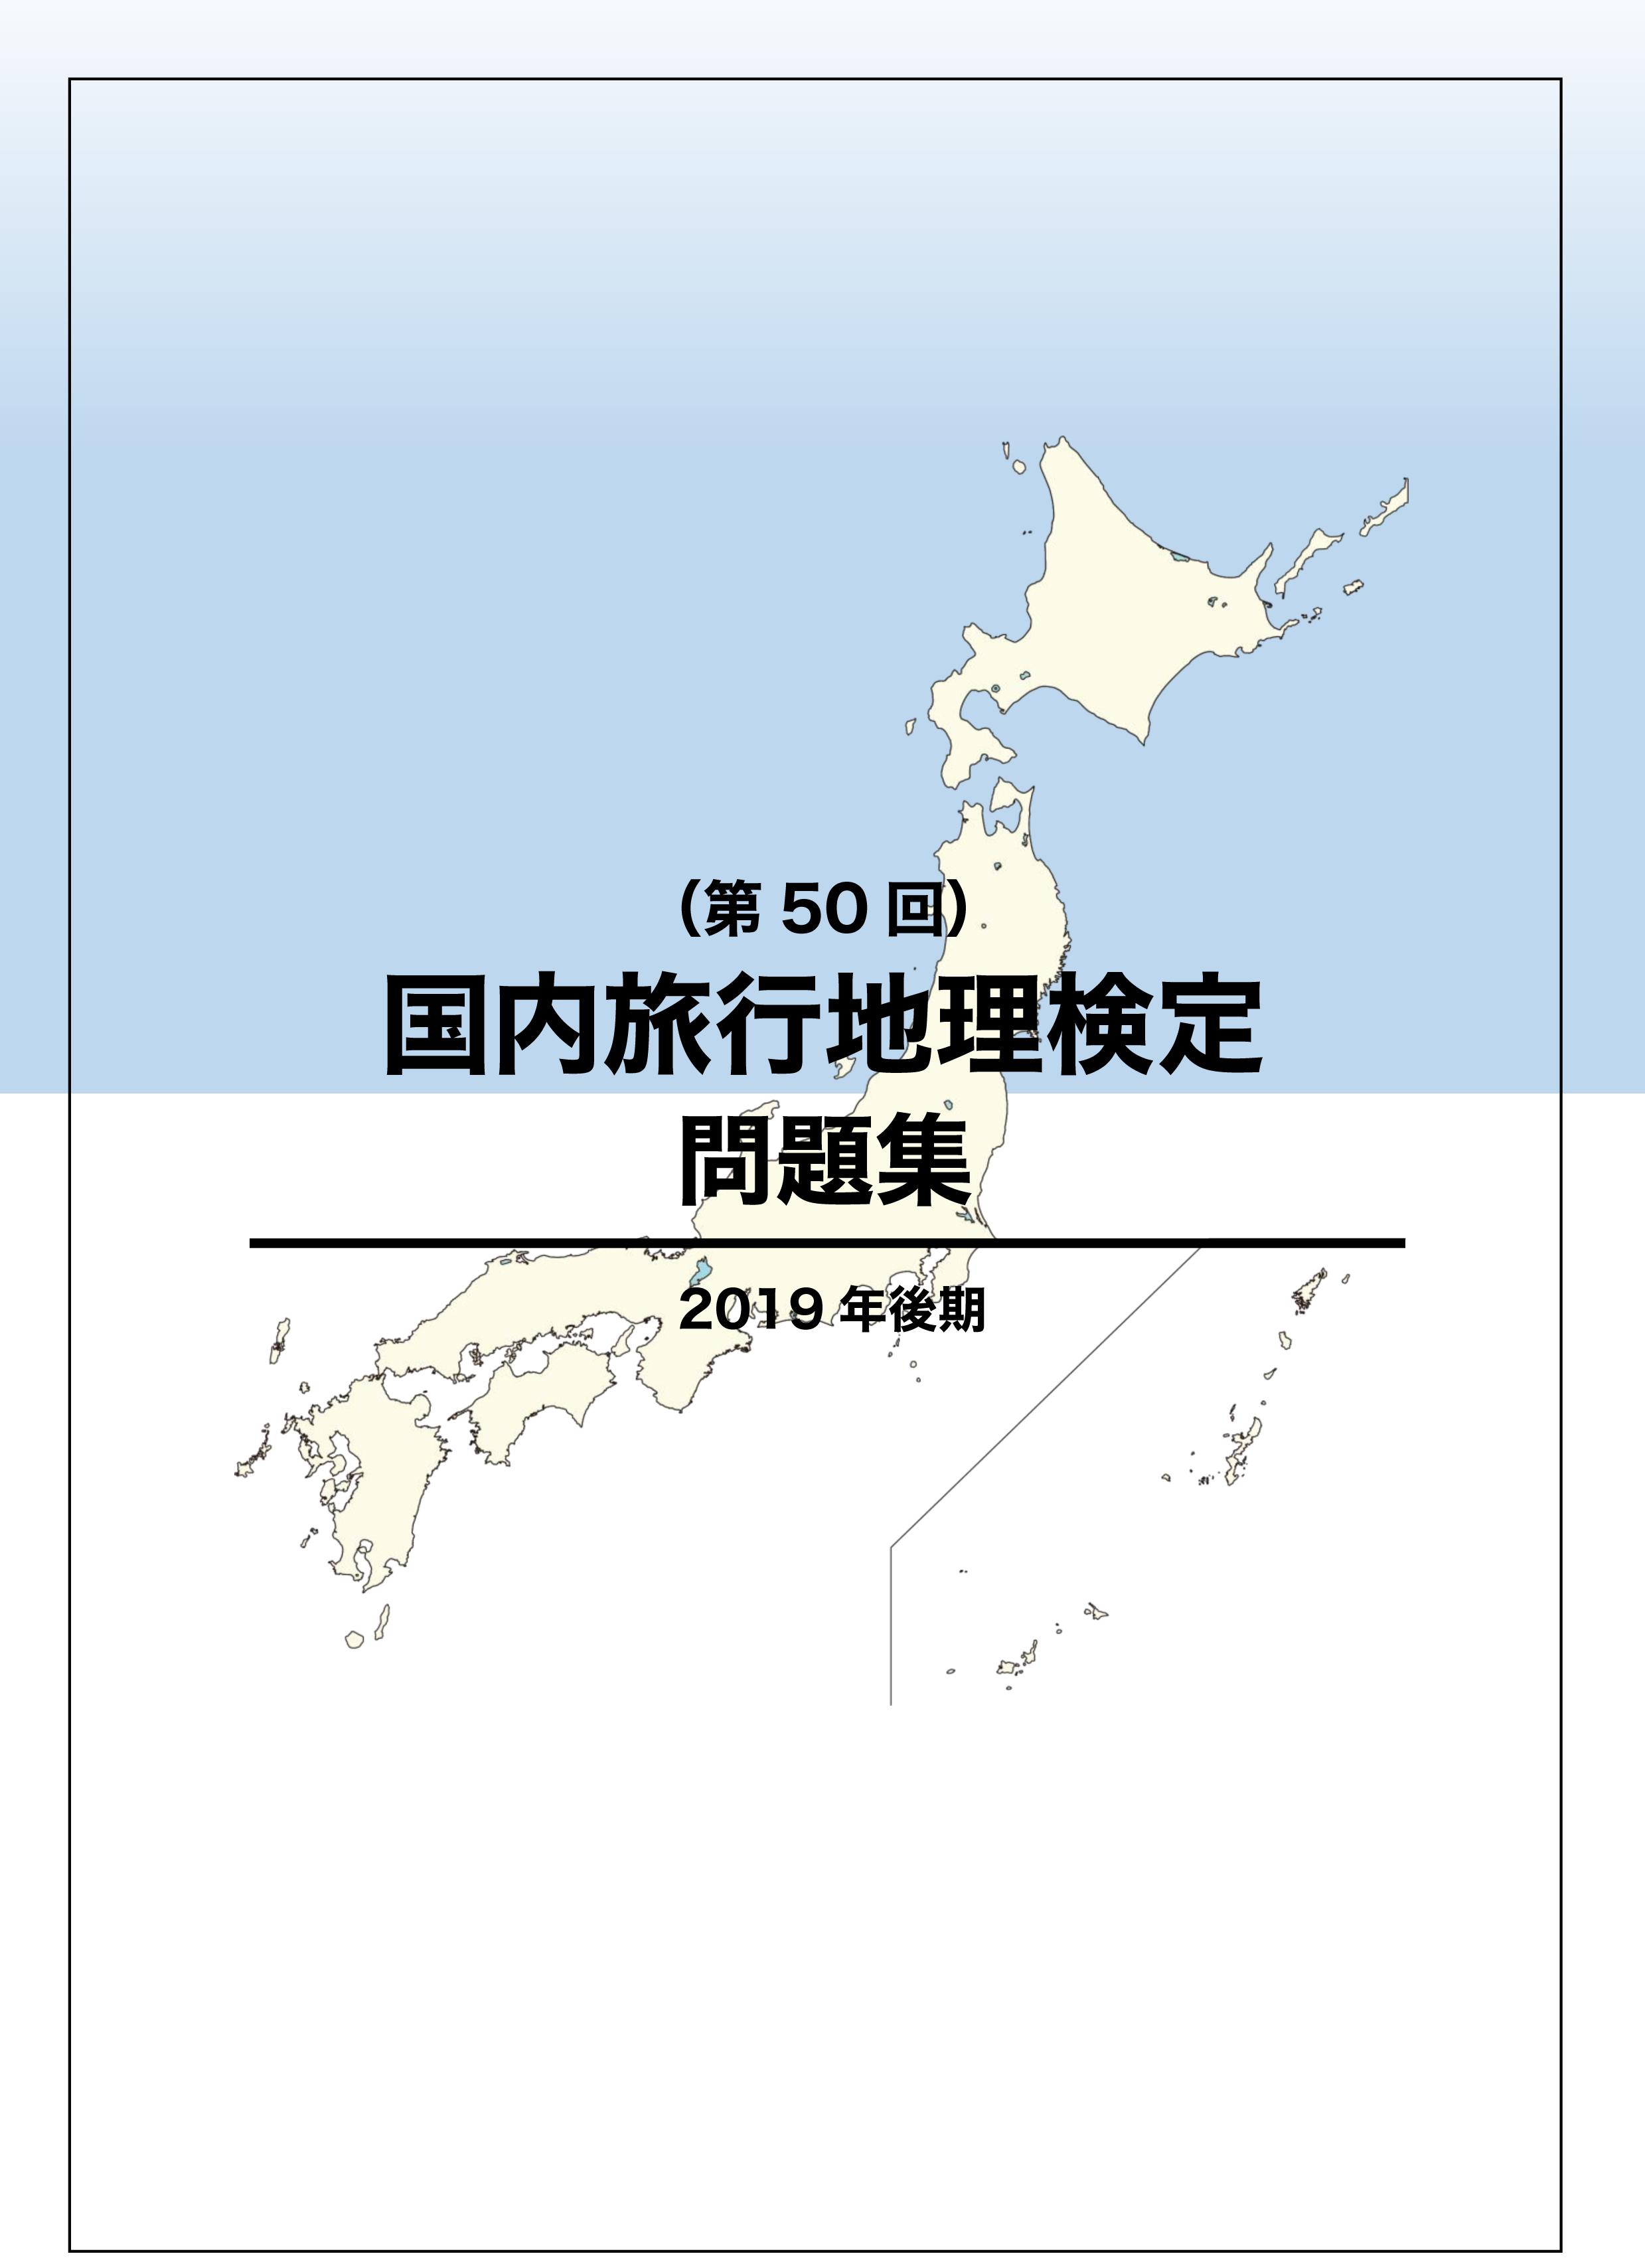 2019年度後期(第50回)国内旅行地理検定問題集